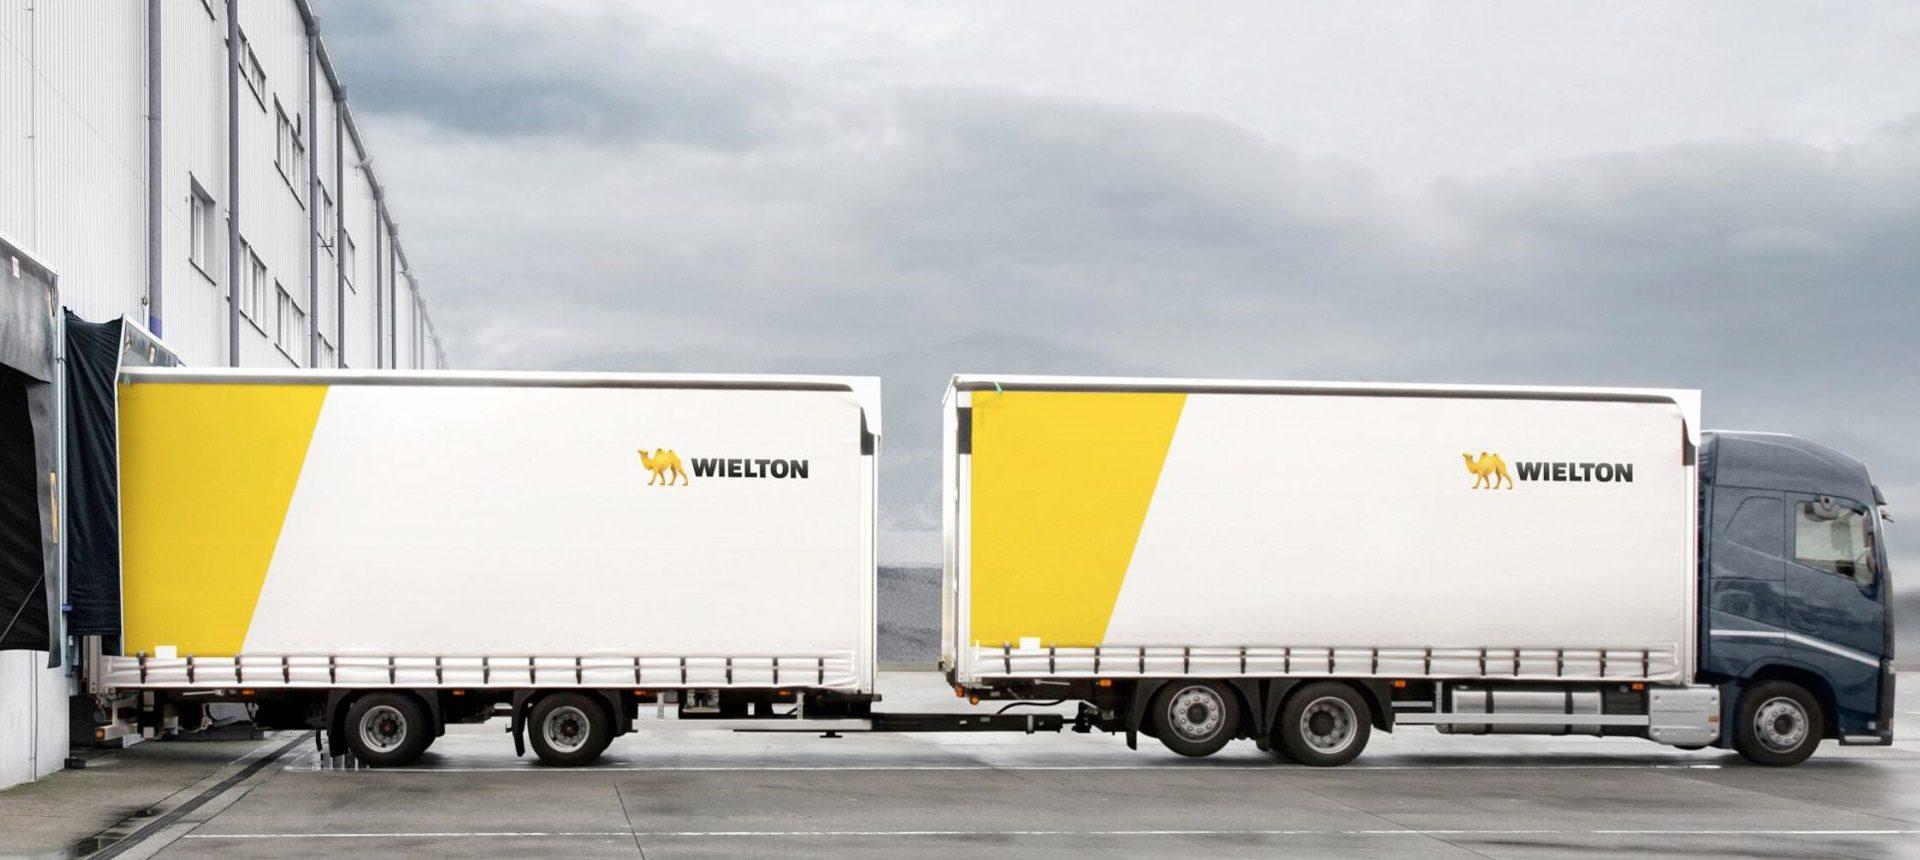 Wielton maxi volume al carico